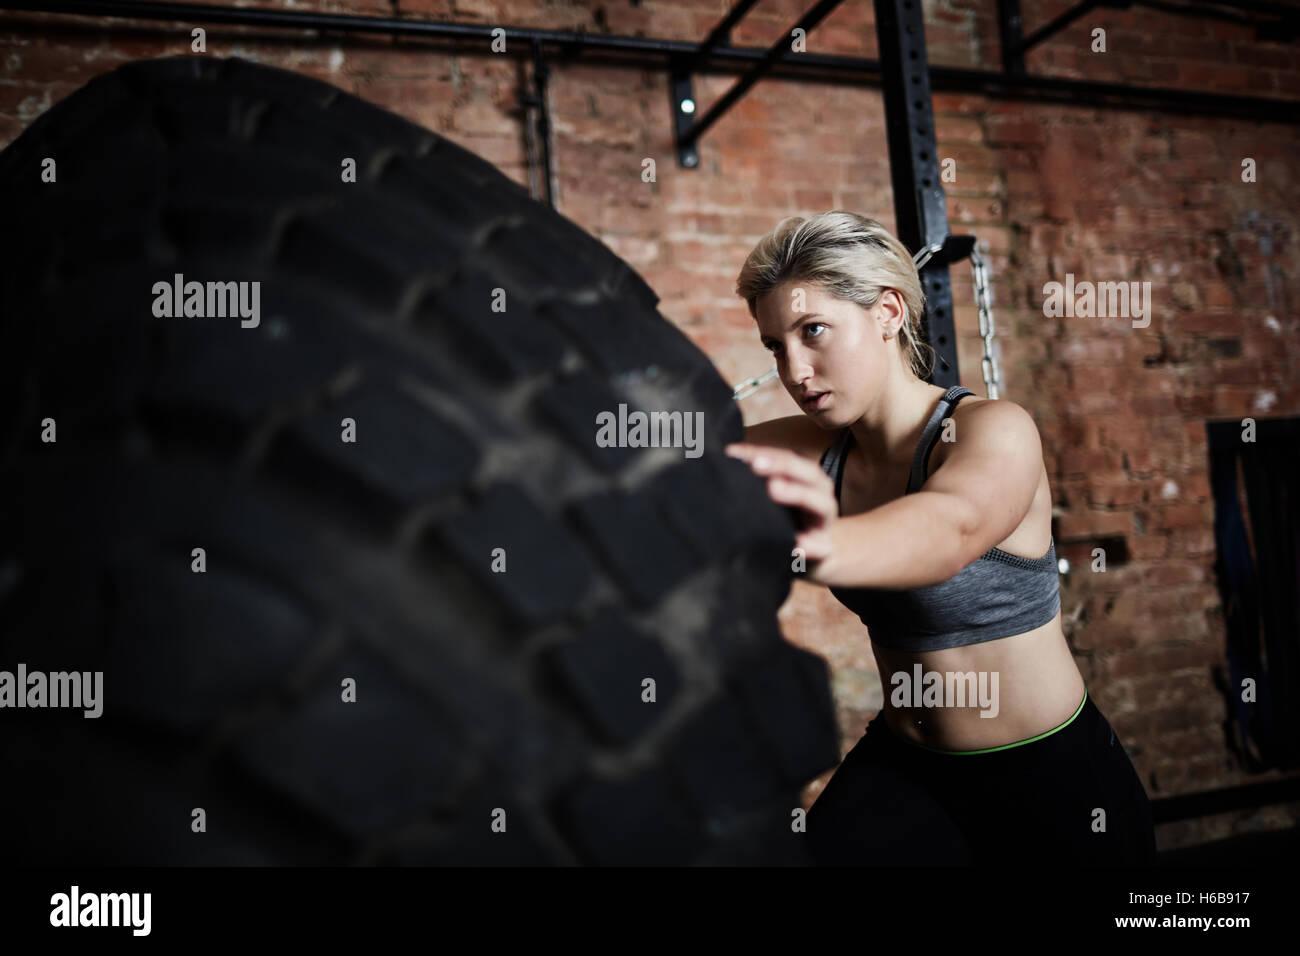 Ejercicio con neumáticos Foto de stock